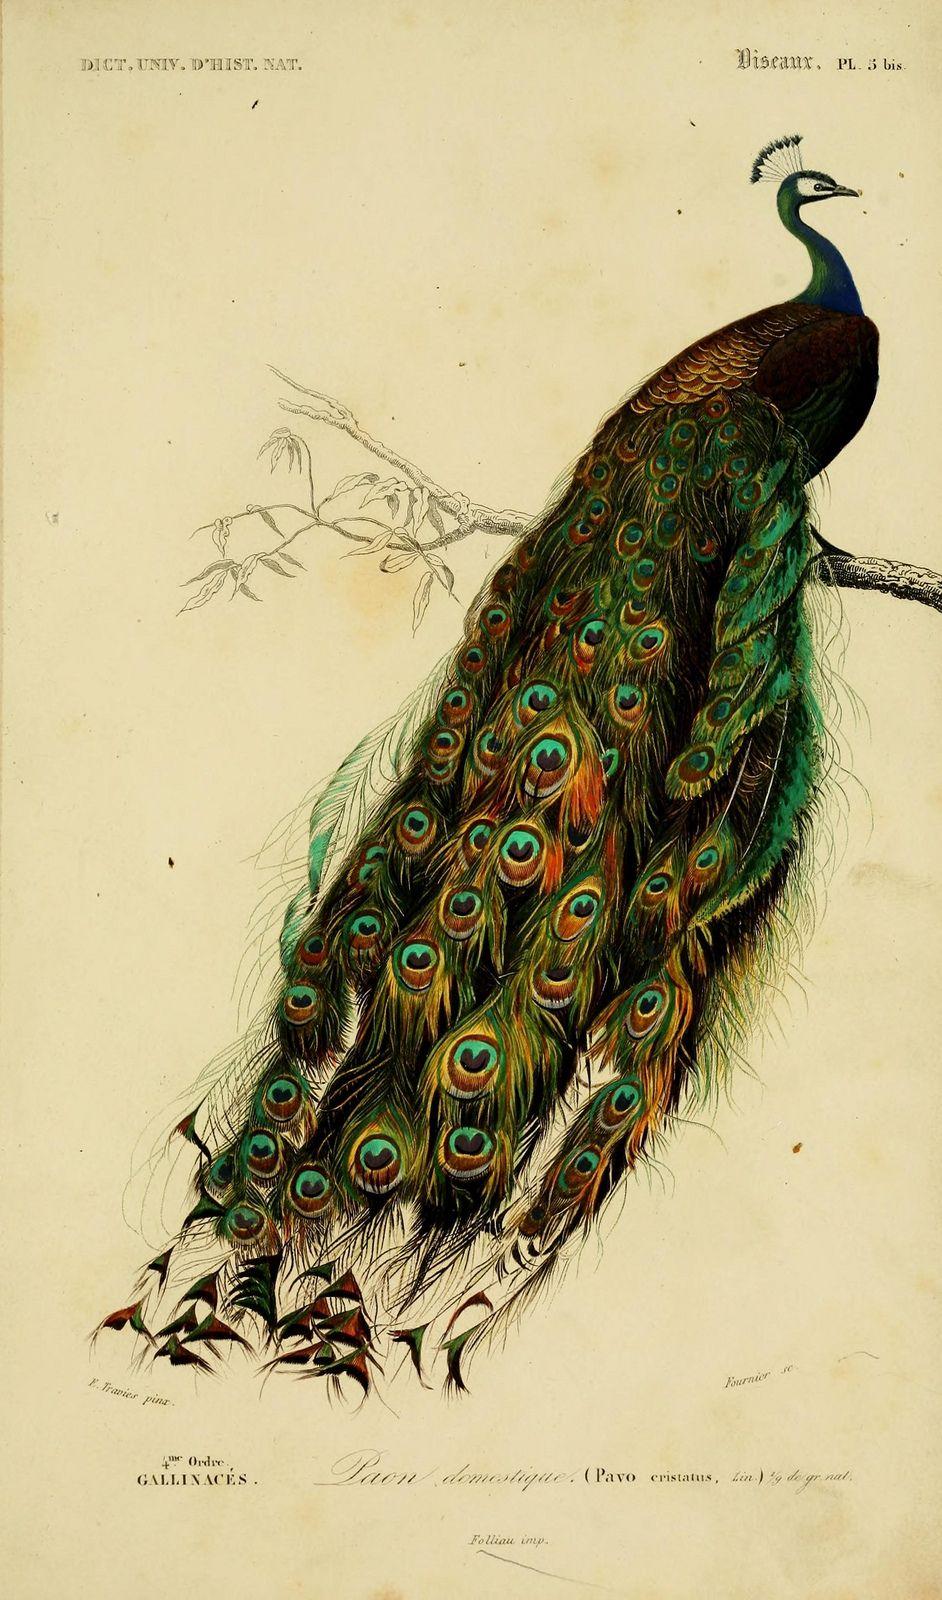 el maldito pavo real | ilustración | Pinterest | Pavos reales, Pavo ...